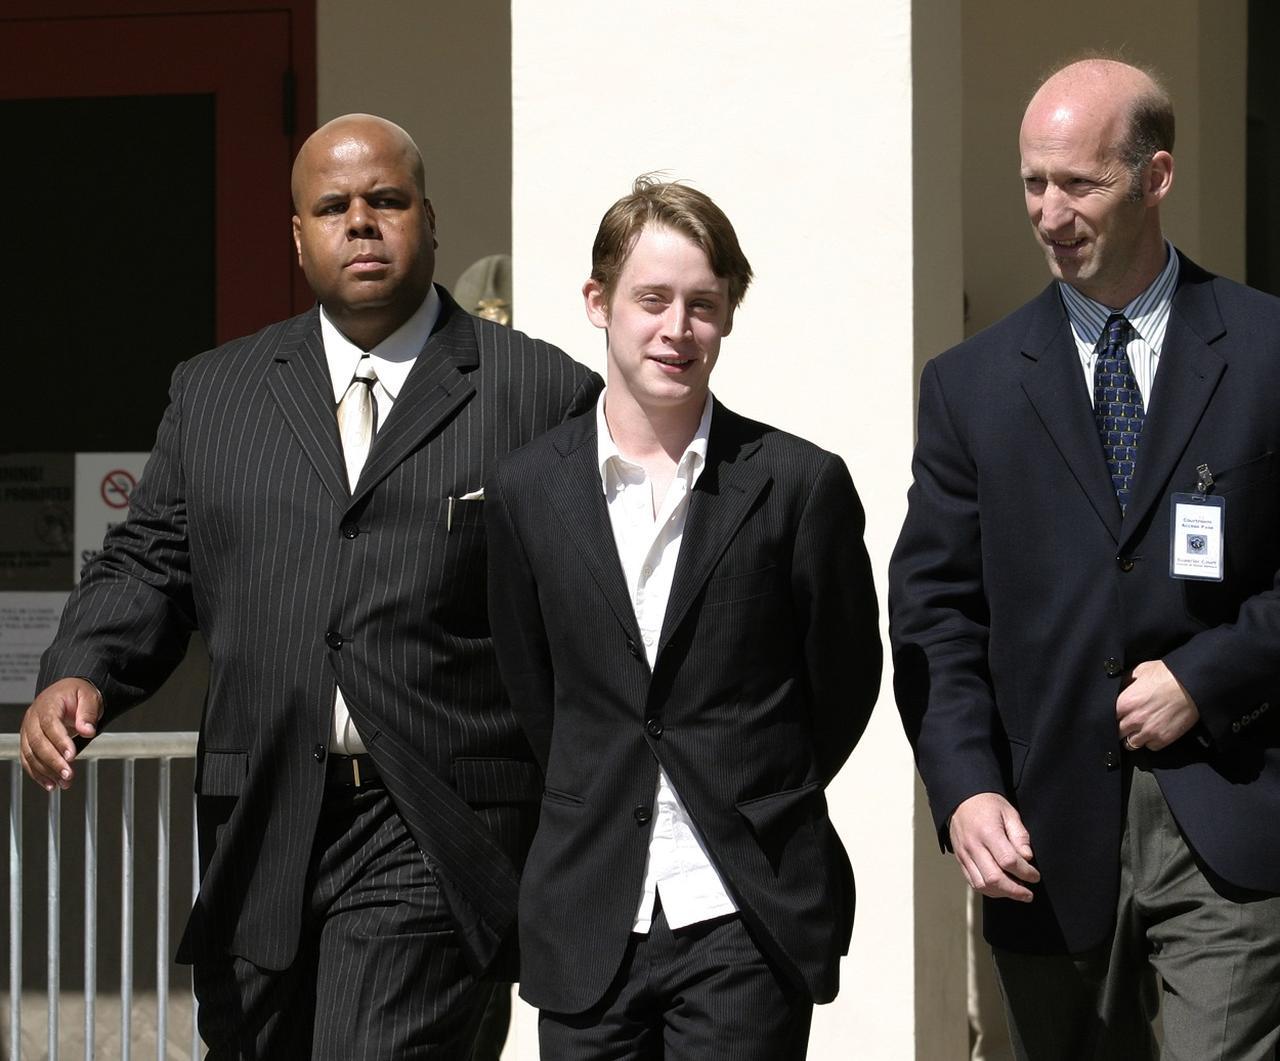 画像: 2005年、マイケルの裁判に証人として出廷した後、裁判所を後にするマコーレー。